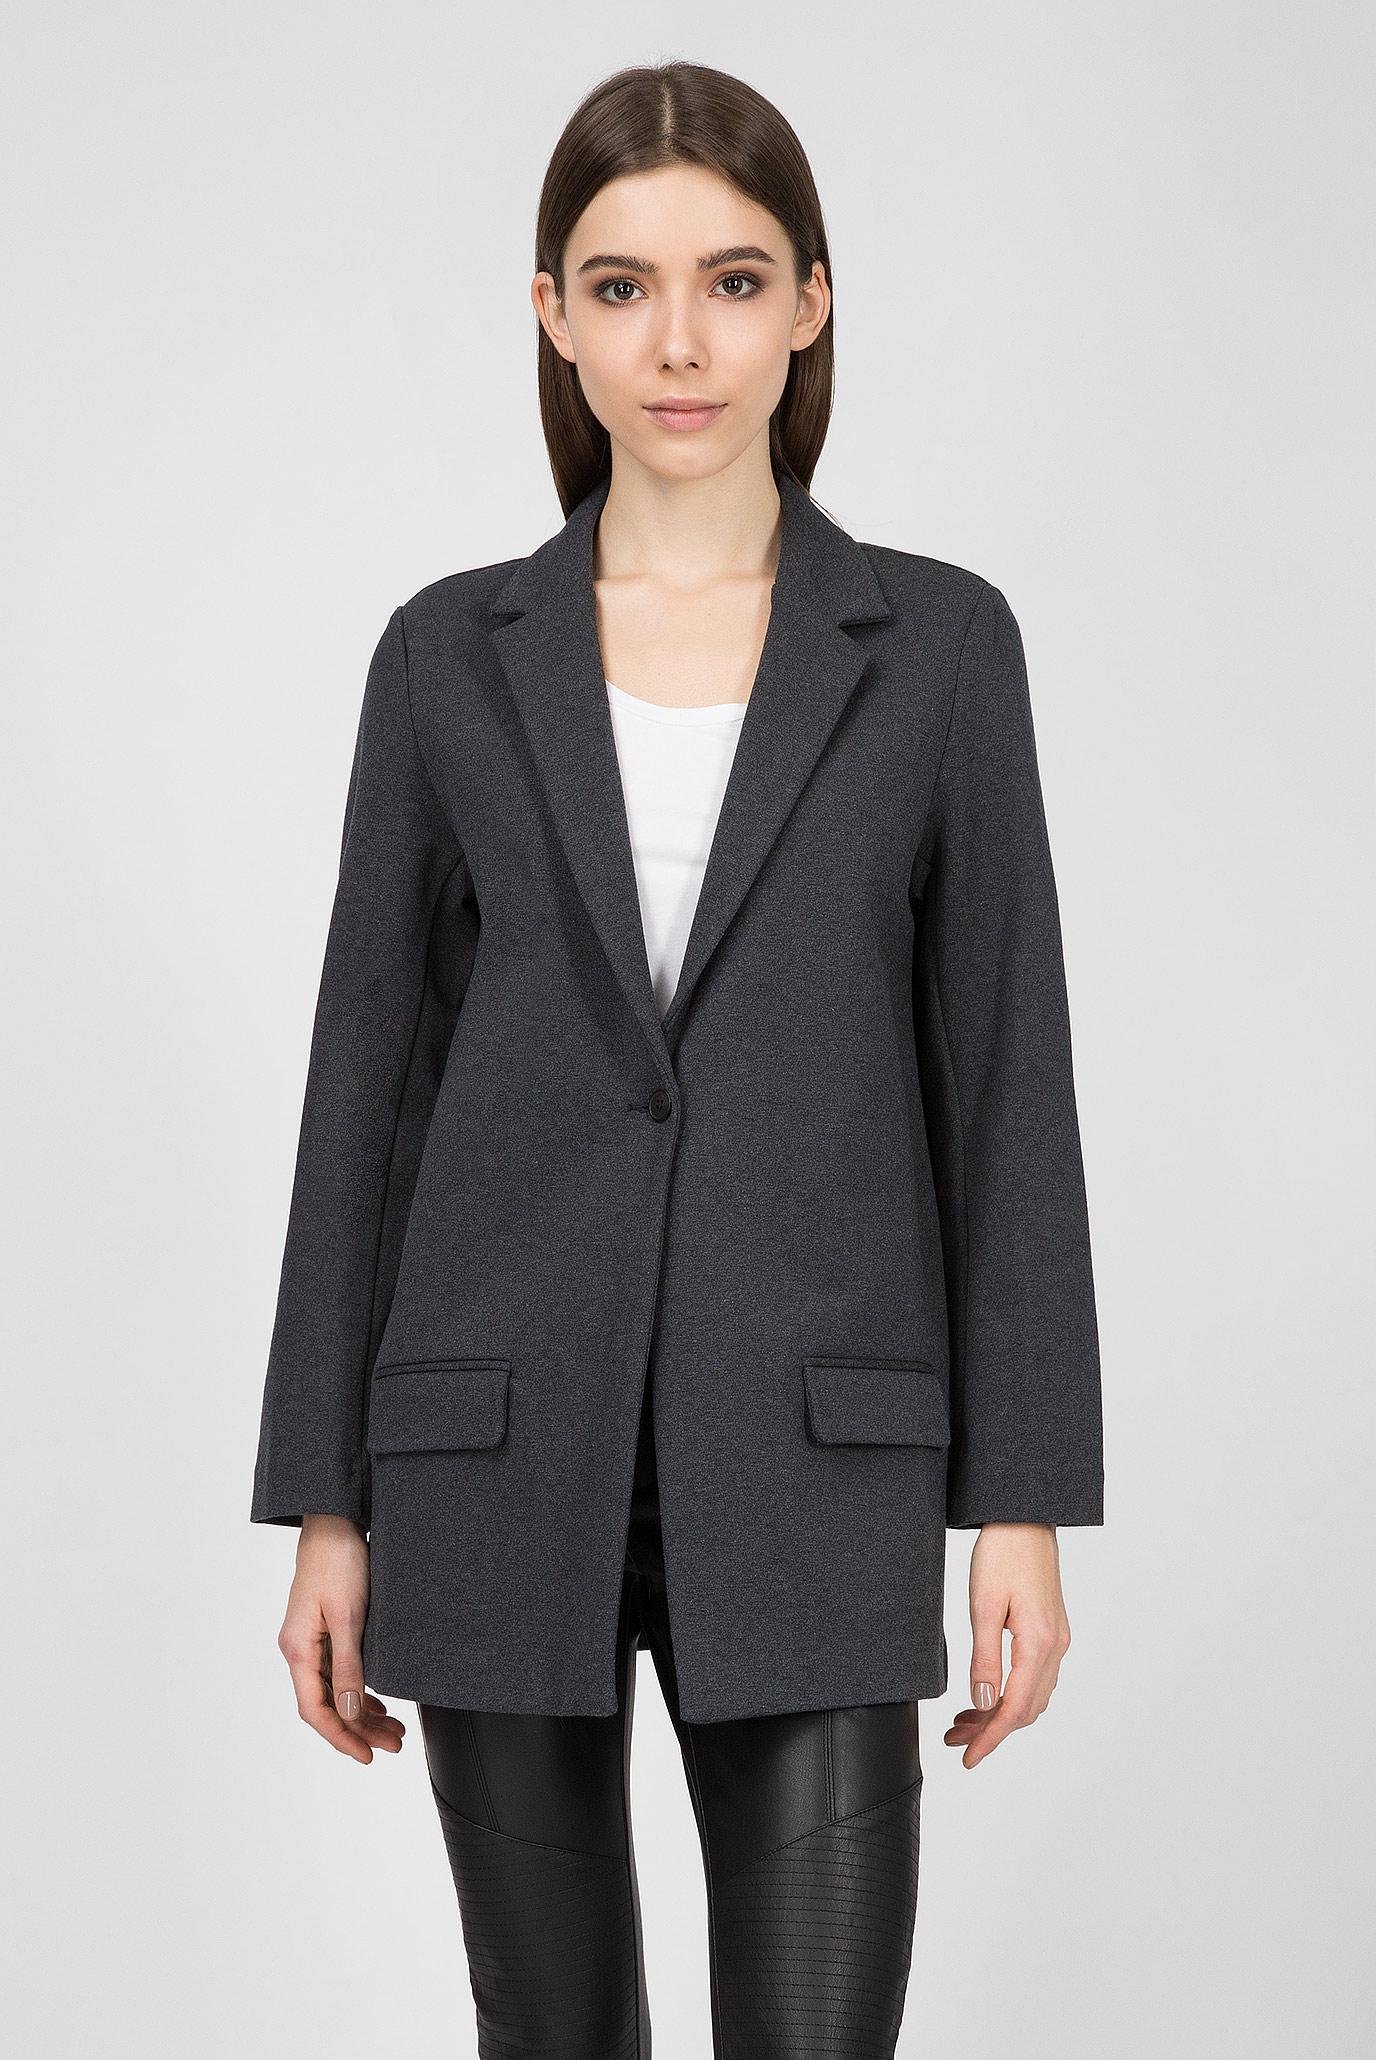 Купить Женский серый жакет LENIS Pepe Jeans Pepe Jeans PL401545 – Киев, Украина. Цены в интернет магазине MD Fashion